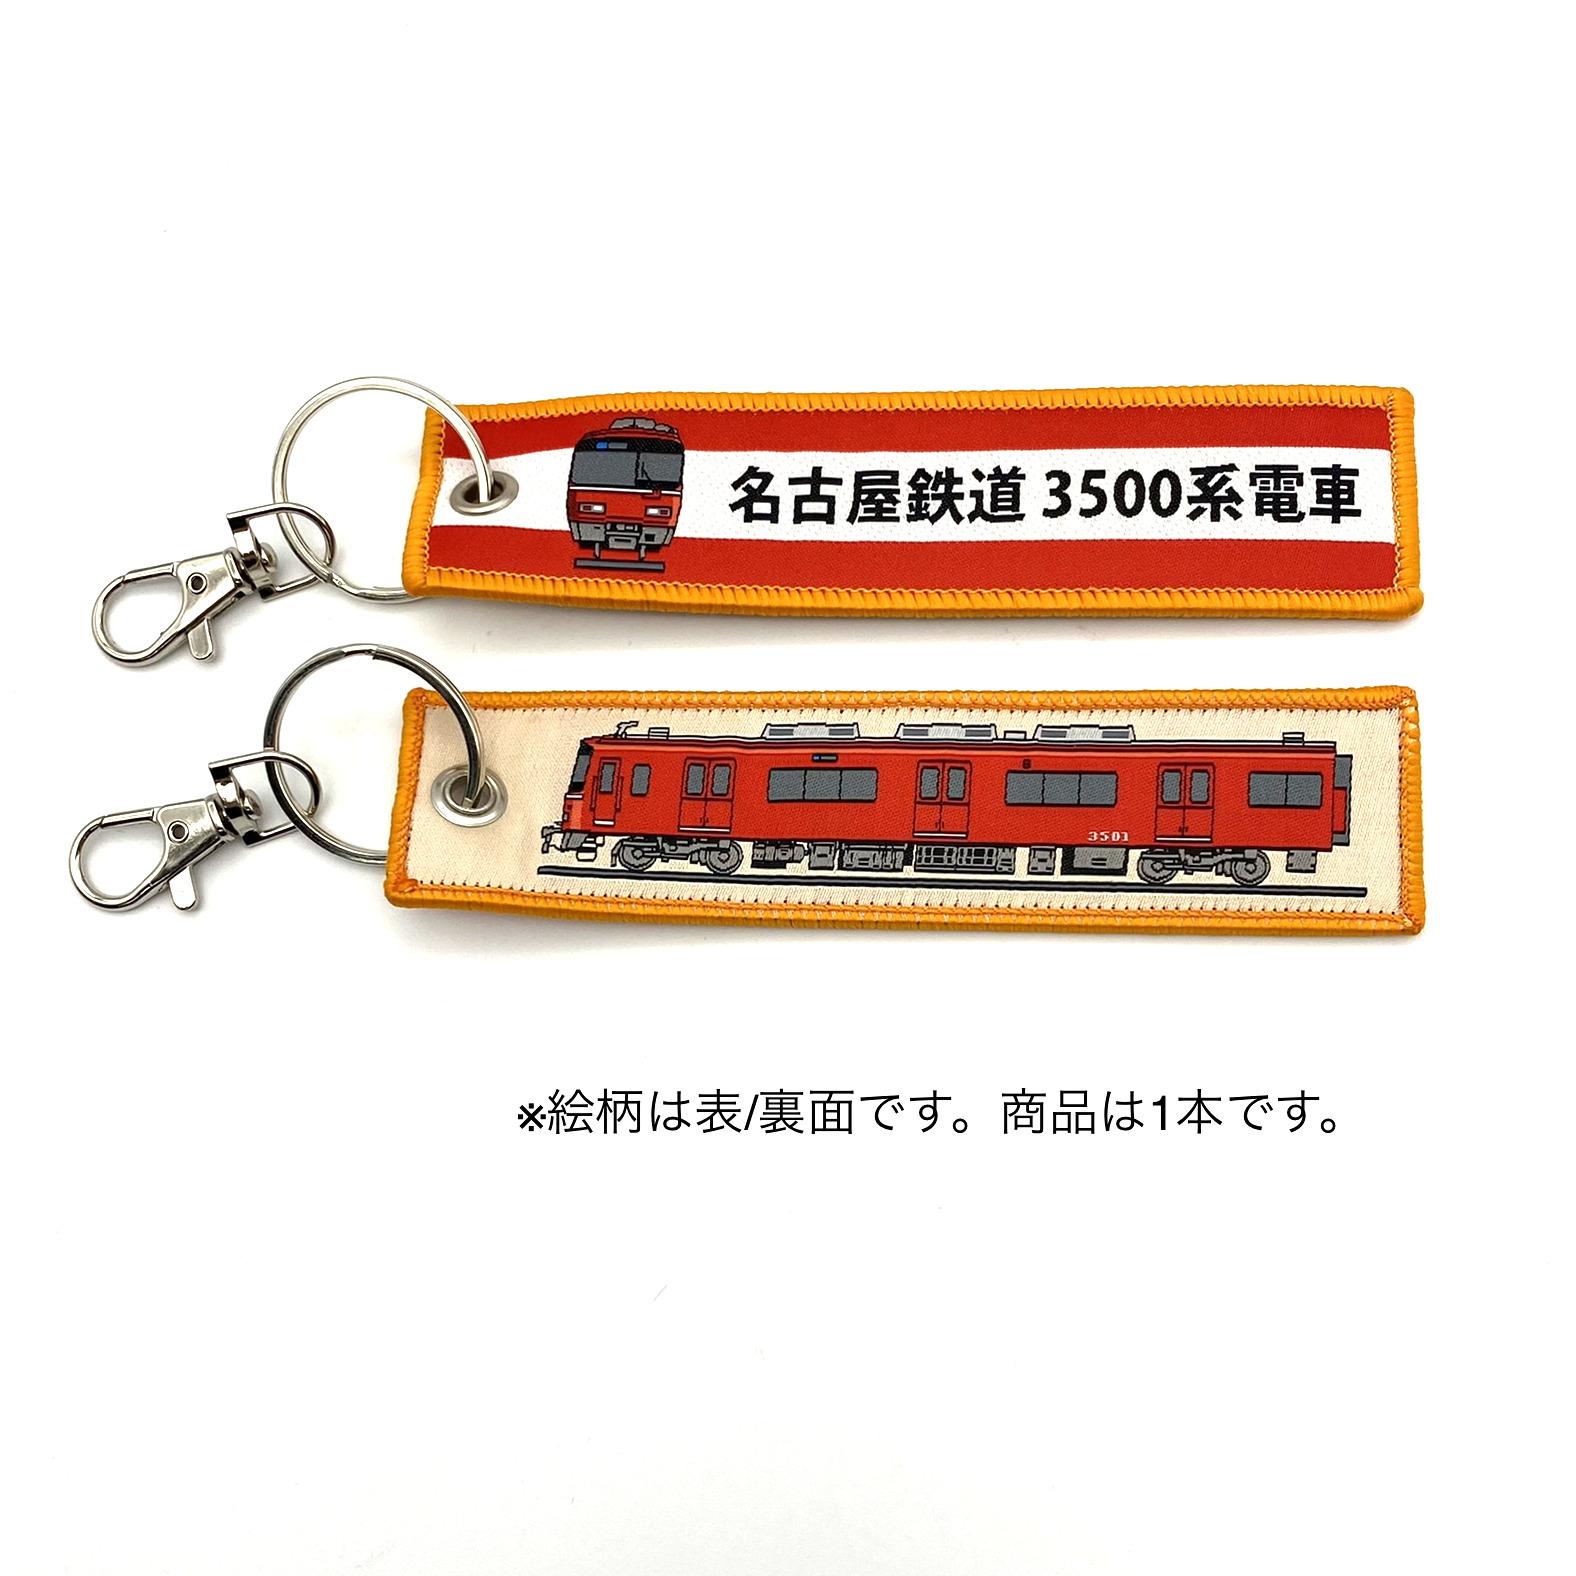 KBオリジナルアイテム 名古屋鉄道 3500系電車